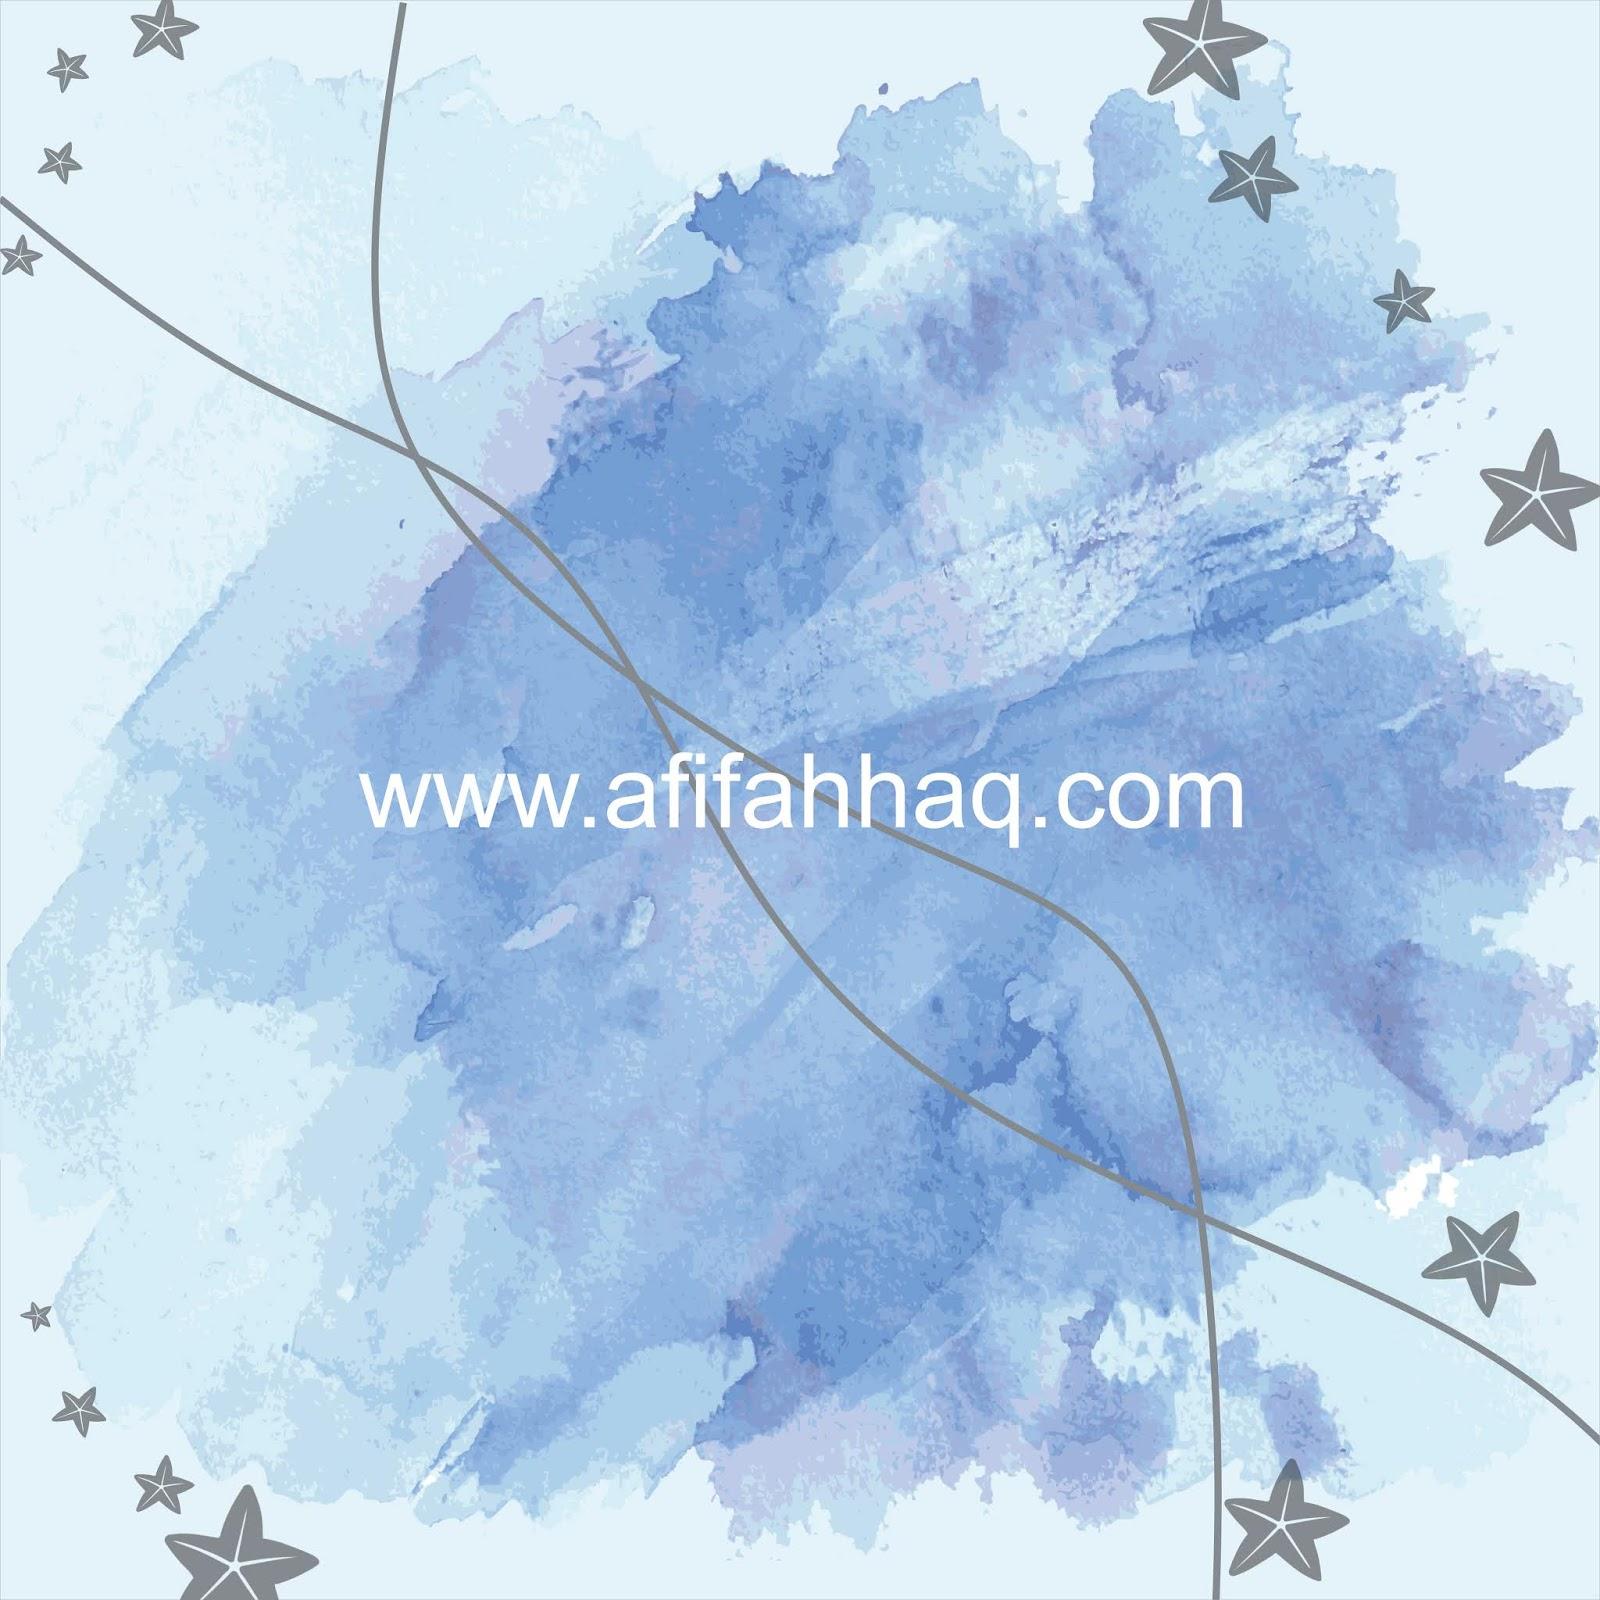 Tips Membuat Desain Scarf Hijab Tanpa Ribet - Afifah Haq